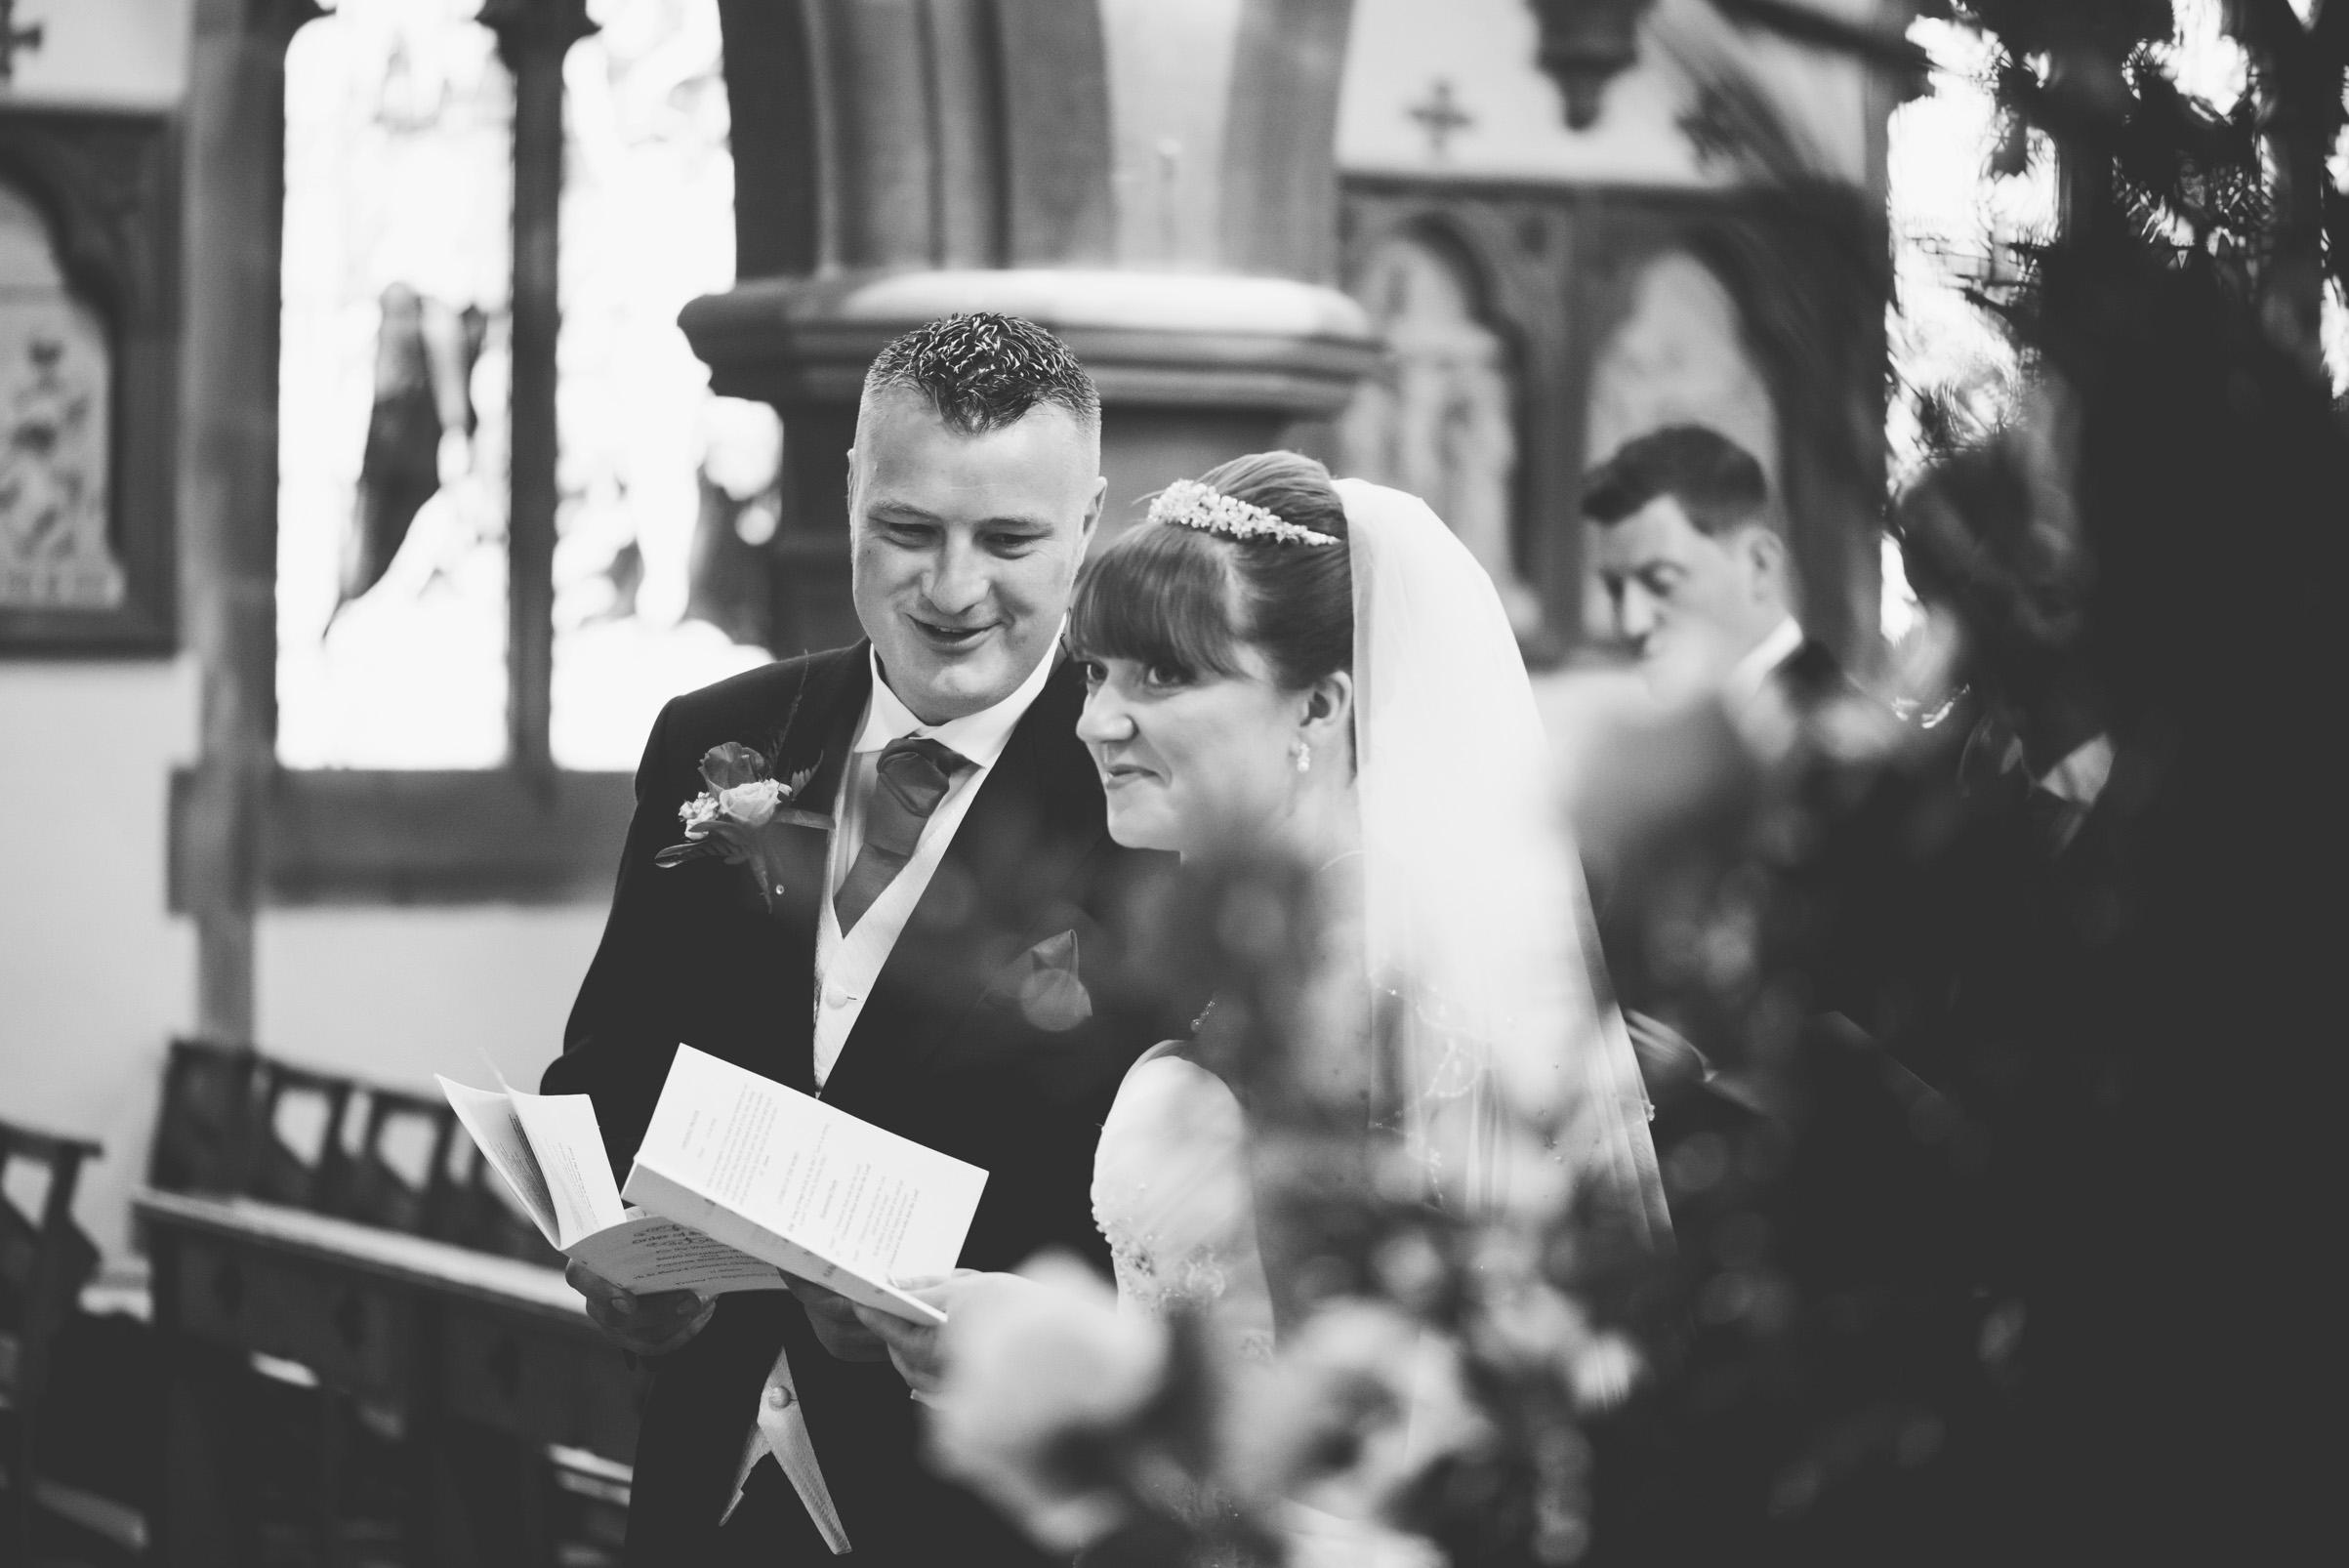 Farm-wedding-staffordshire-st-marys-catholic-church-uttoxter-28.jpg